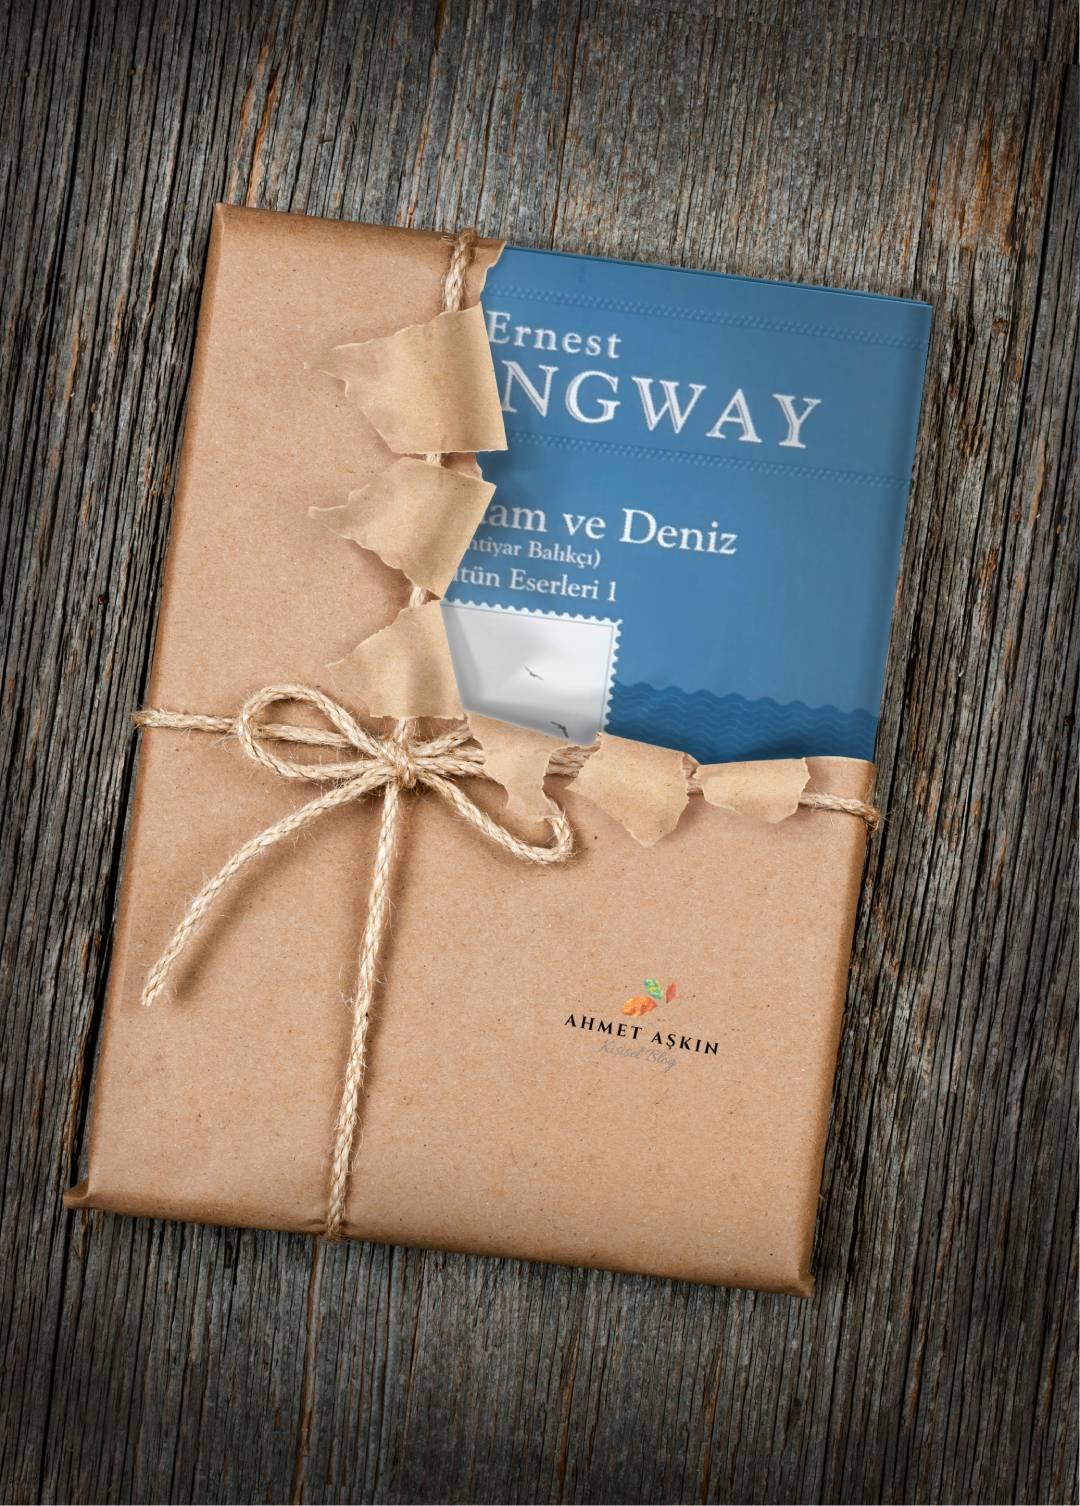 Ernest Hemingway, yaşlı adam ve deniz